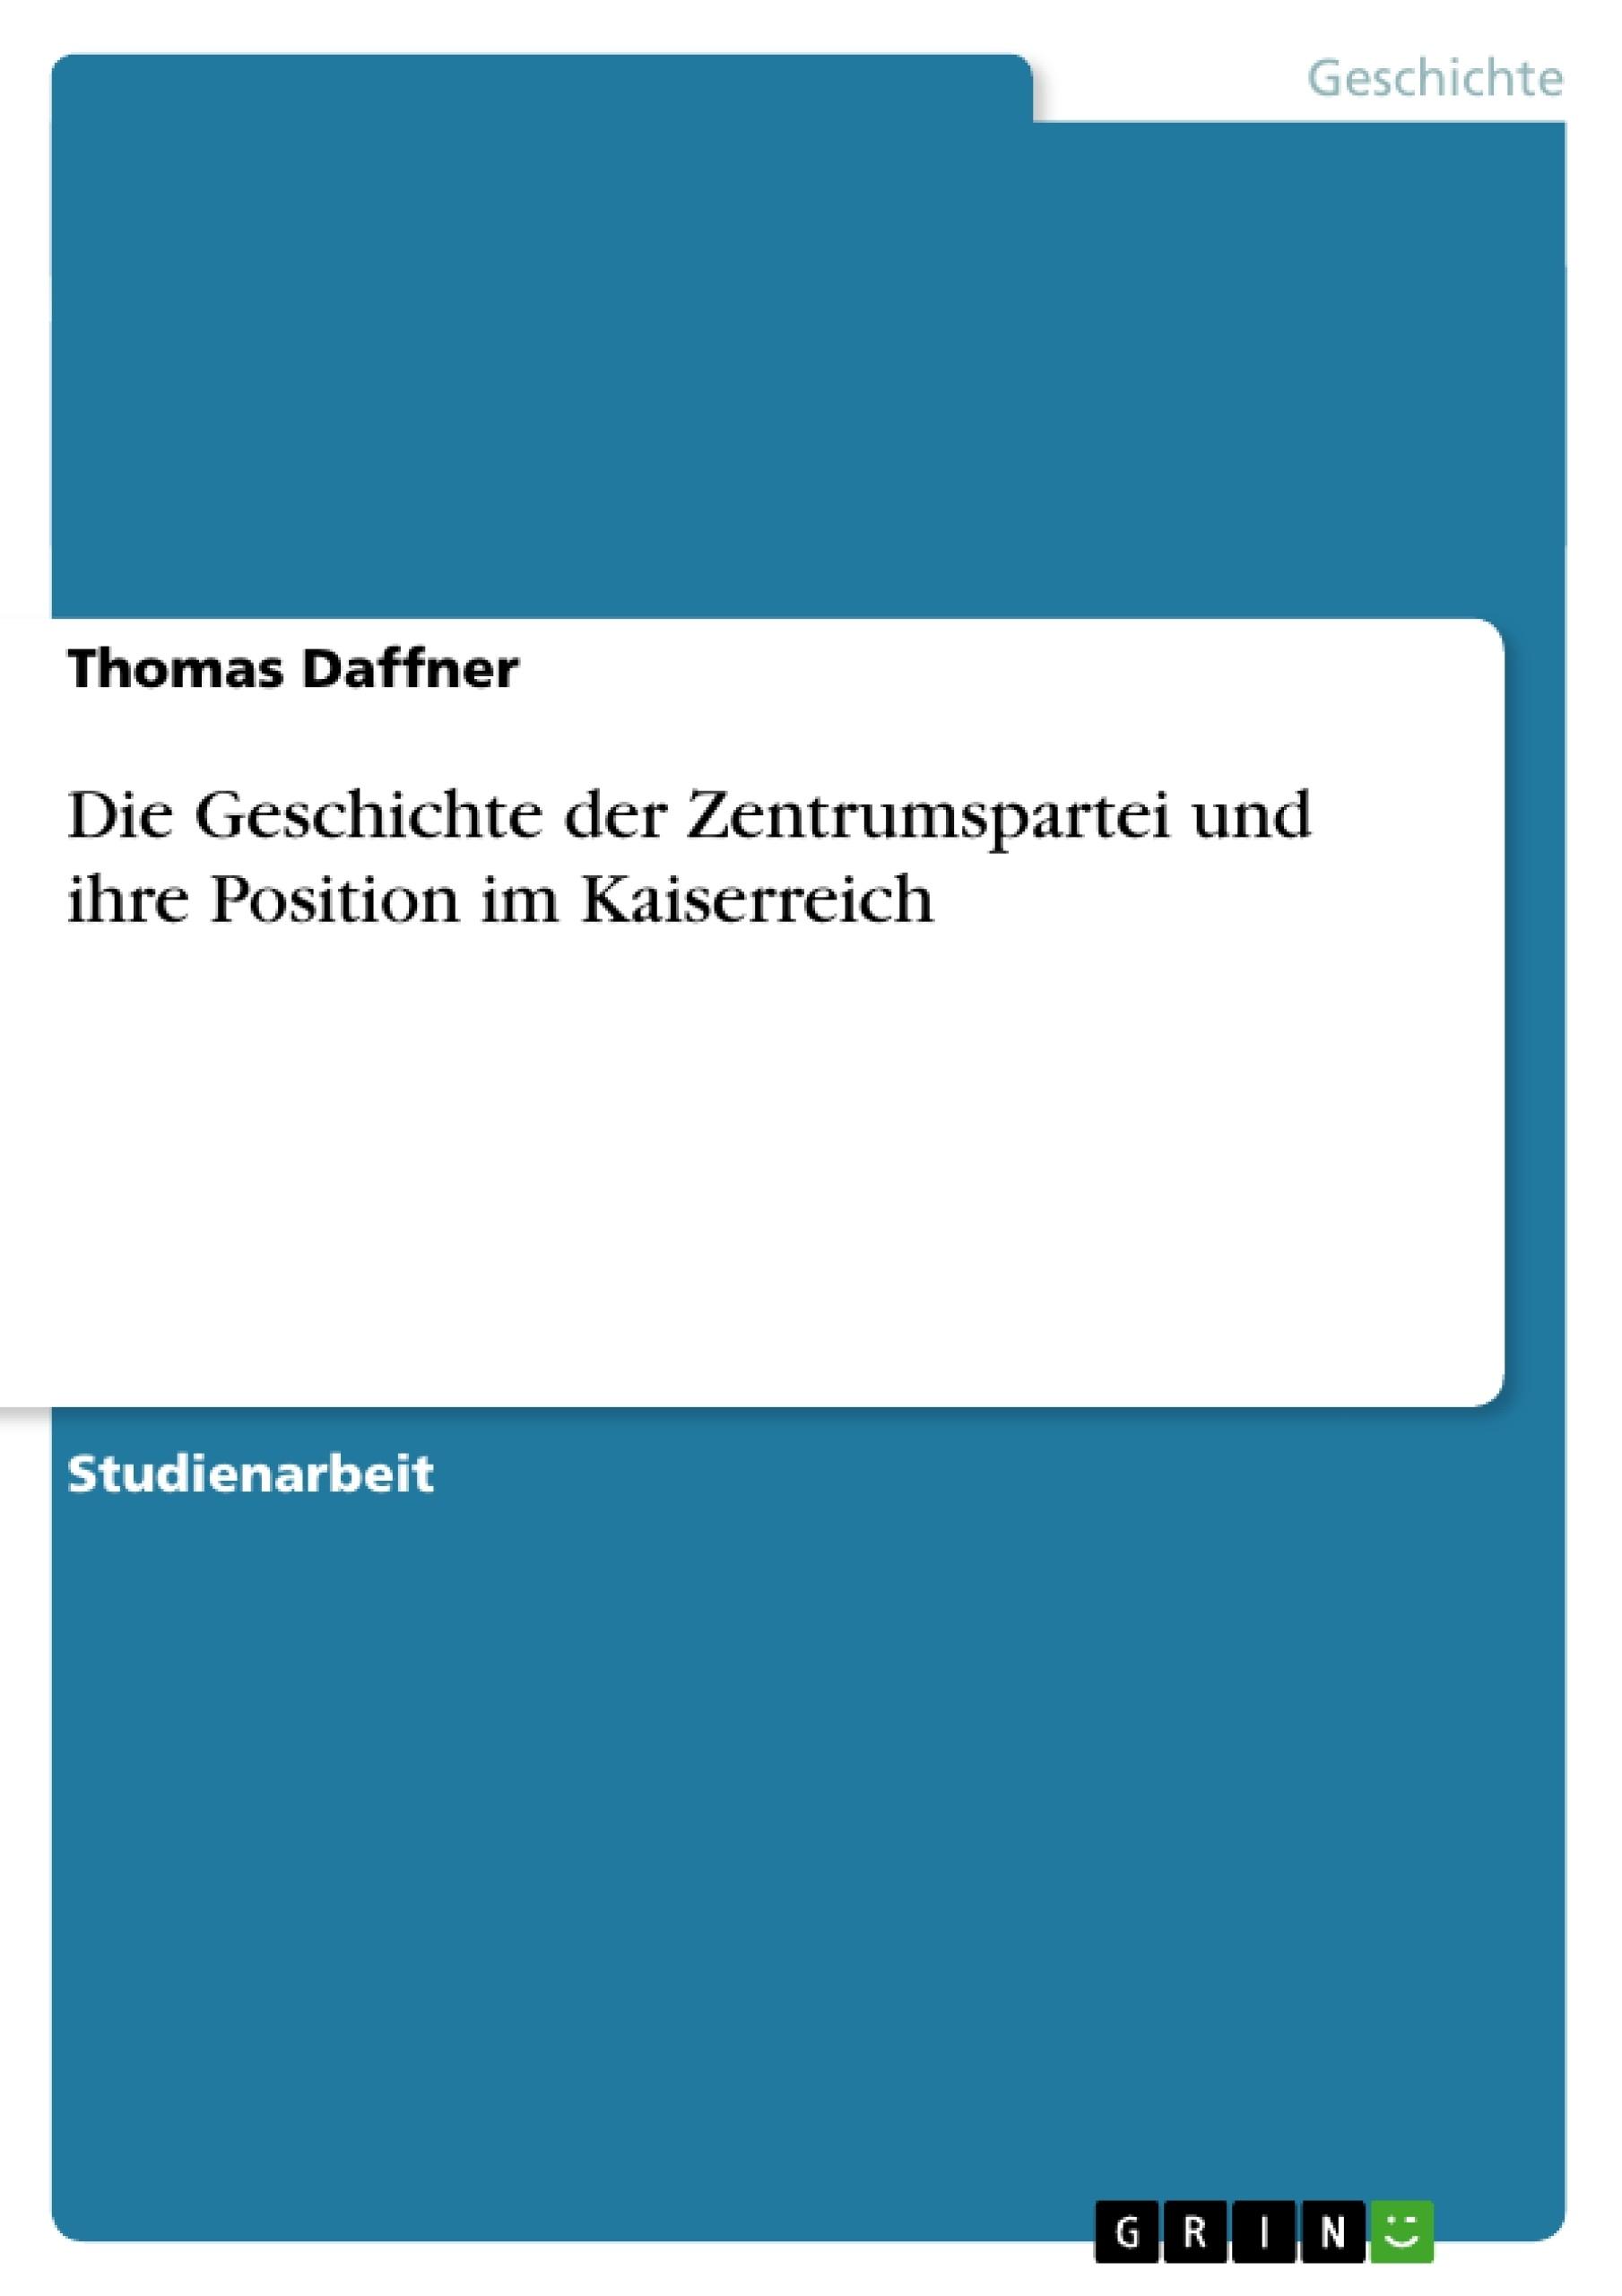 Titel: Die Geschichte der Zentrumspartei und ihre Position im Kaiserreich